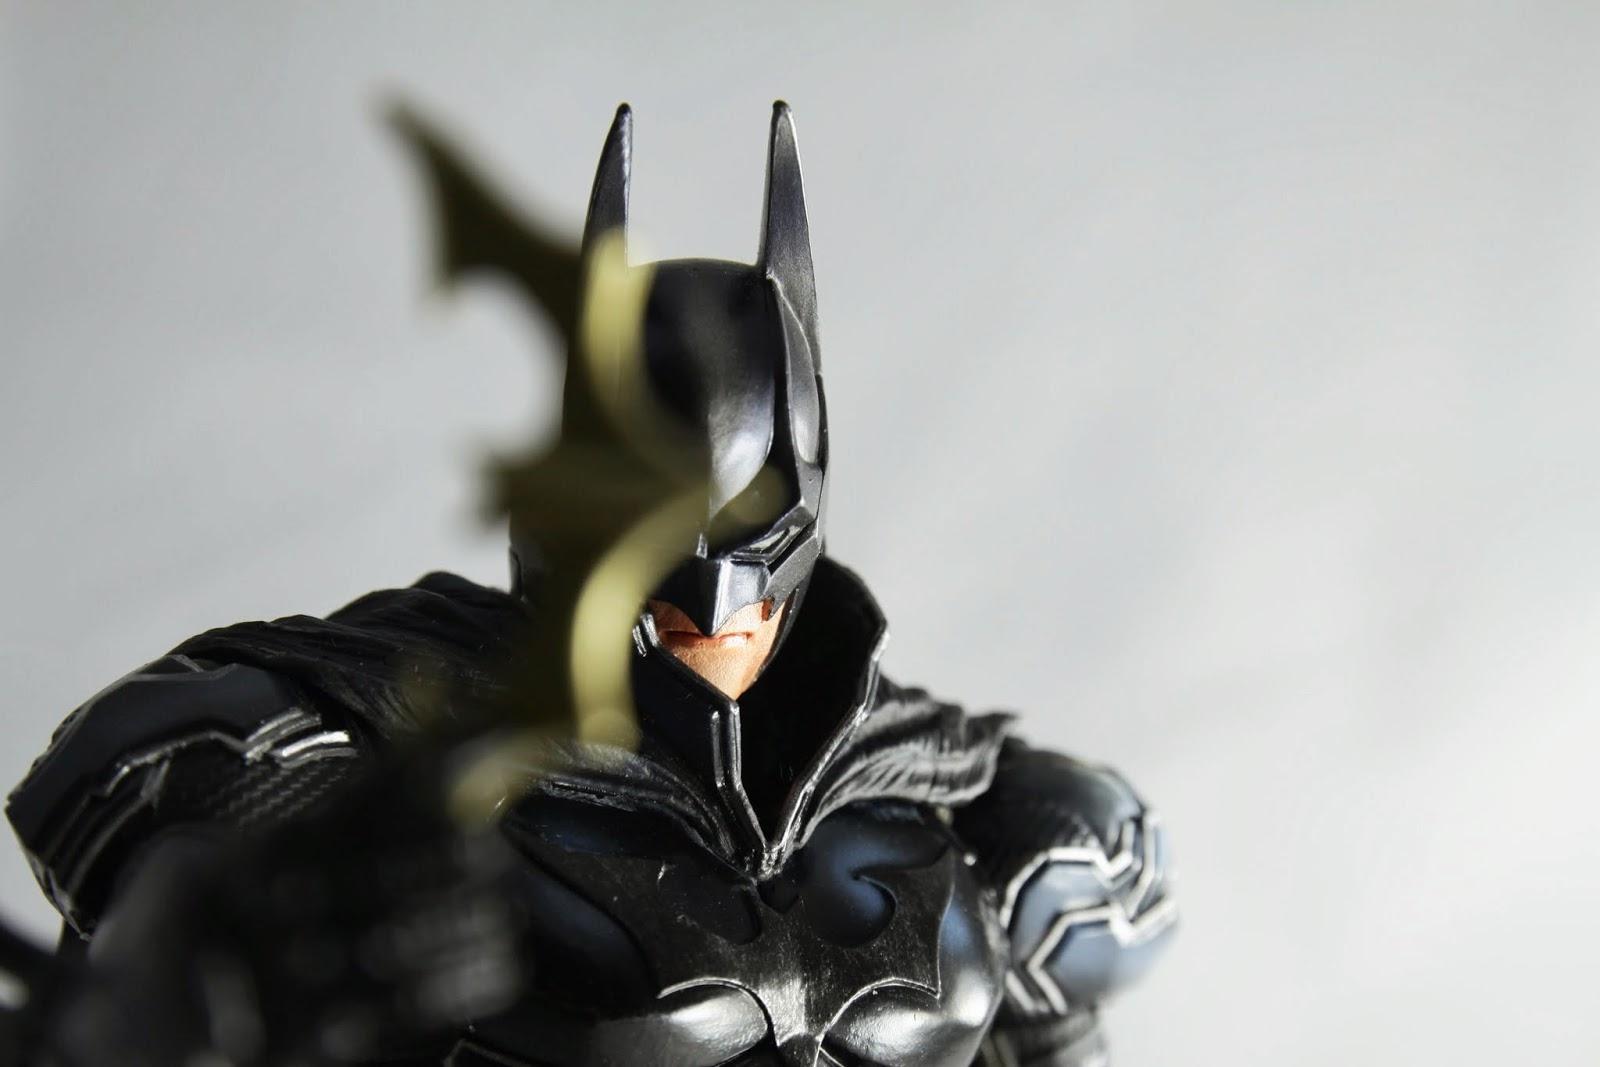 來個蝙蝠俠招牌動作